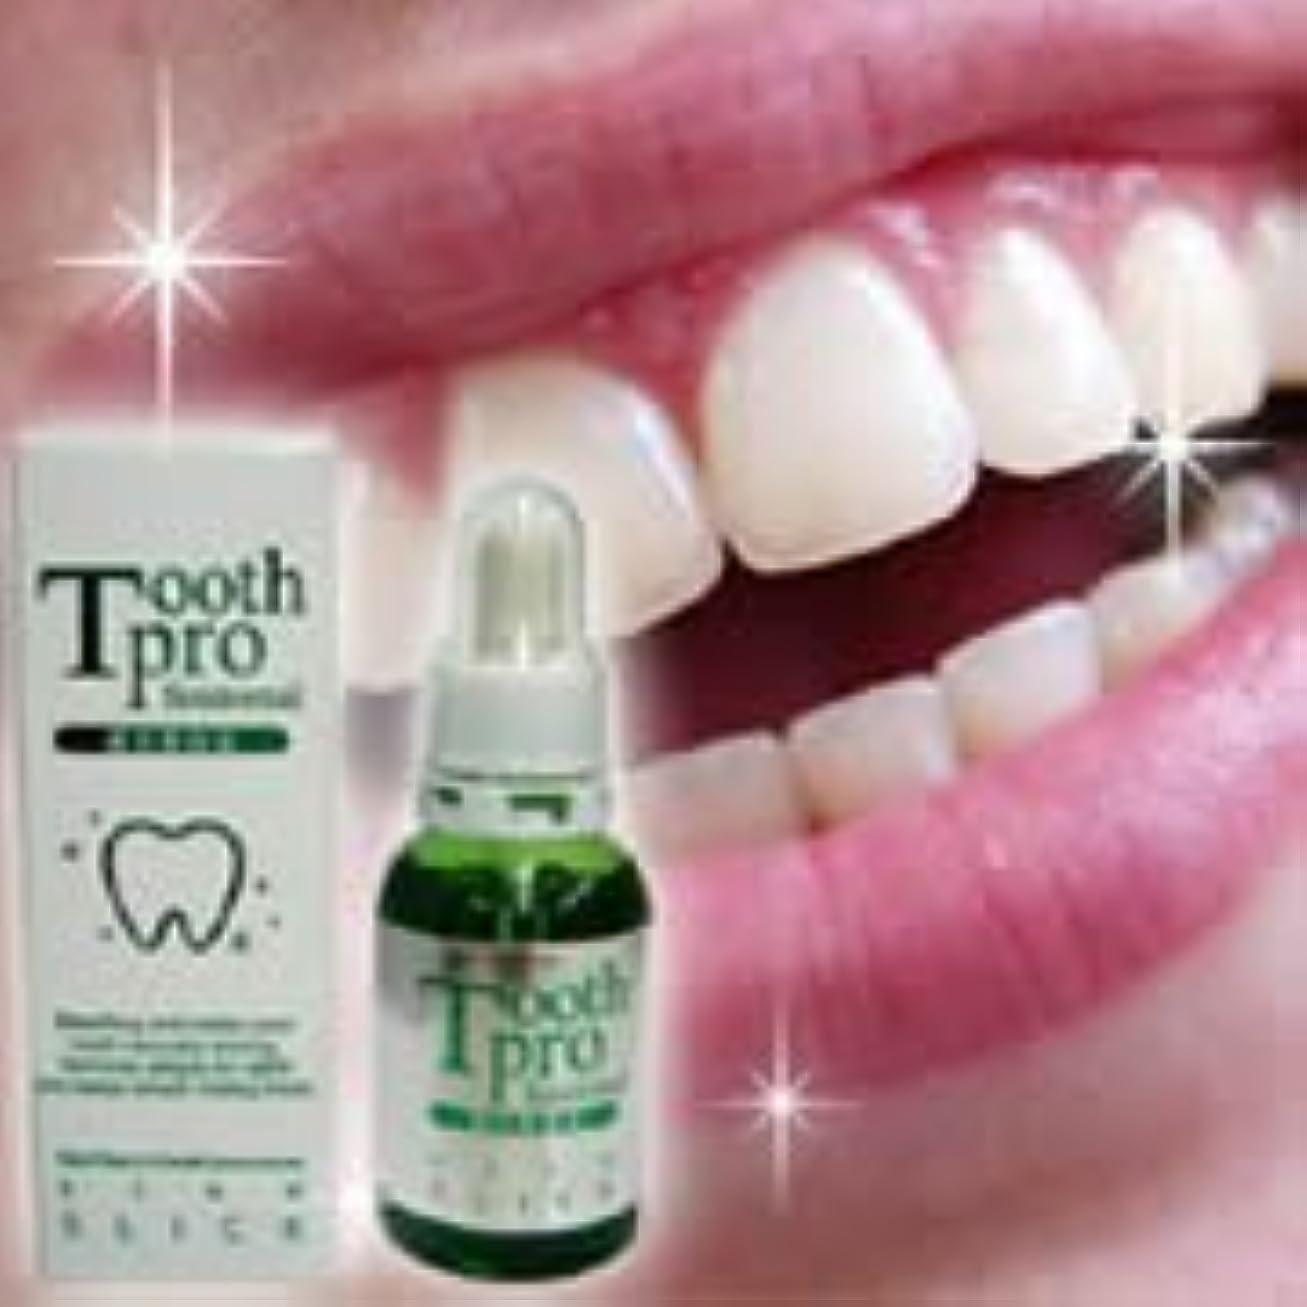 電話をかける編集者気難しいトゥース プロフェッショナル 20ml ×2個セット (tooth professional)